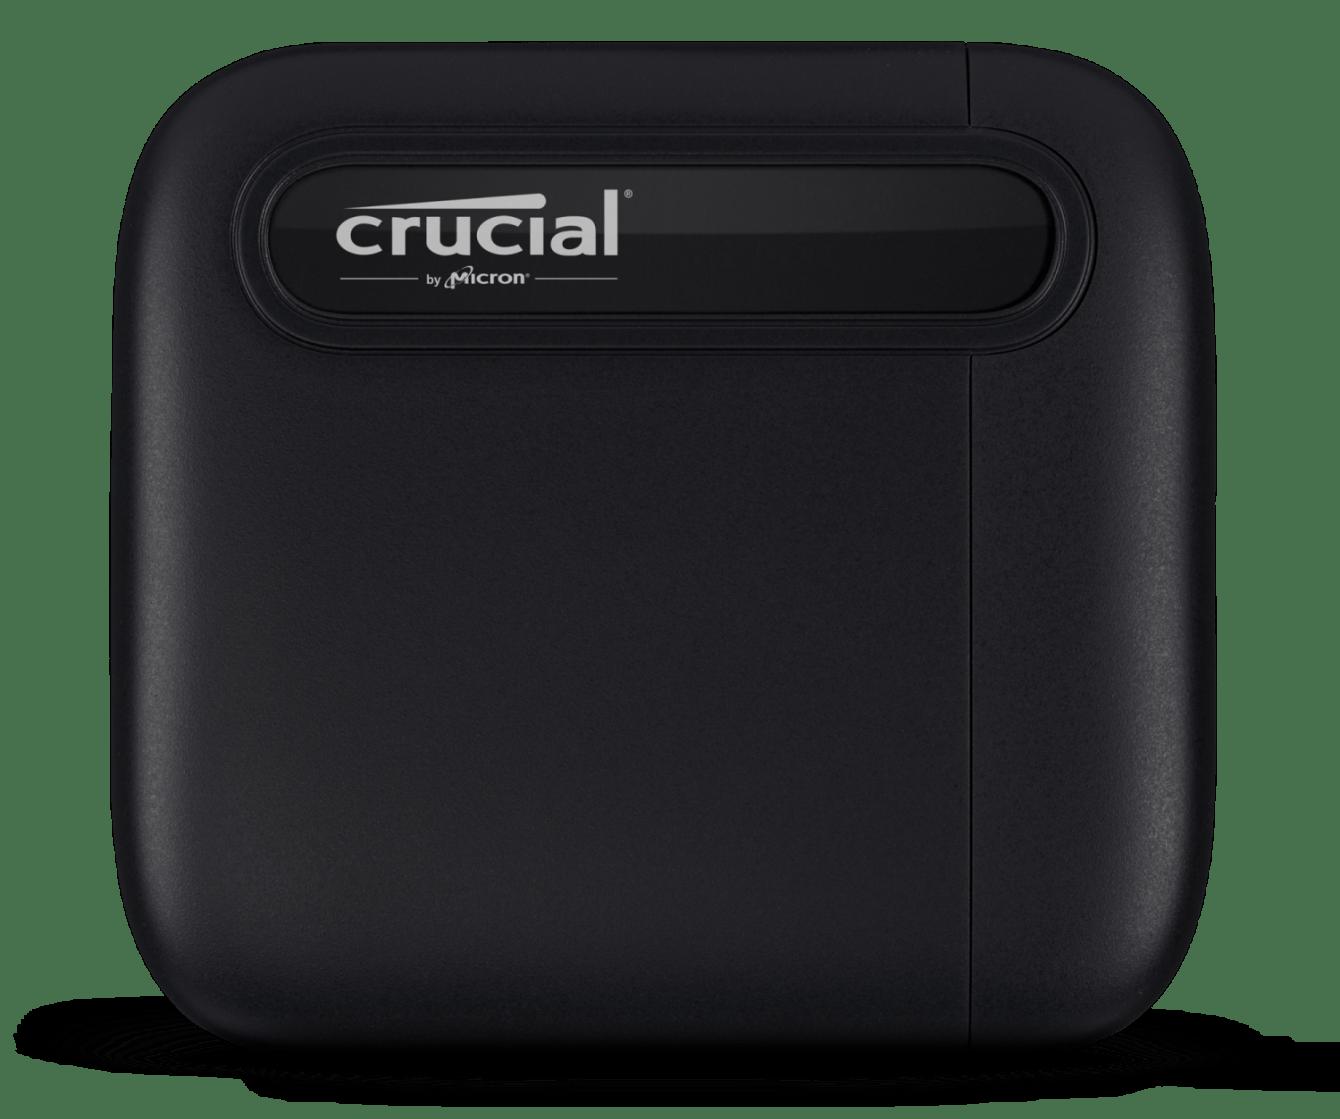 Crucial X6: ecco il nuovo SSD ultra sottile portatile